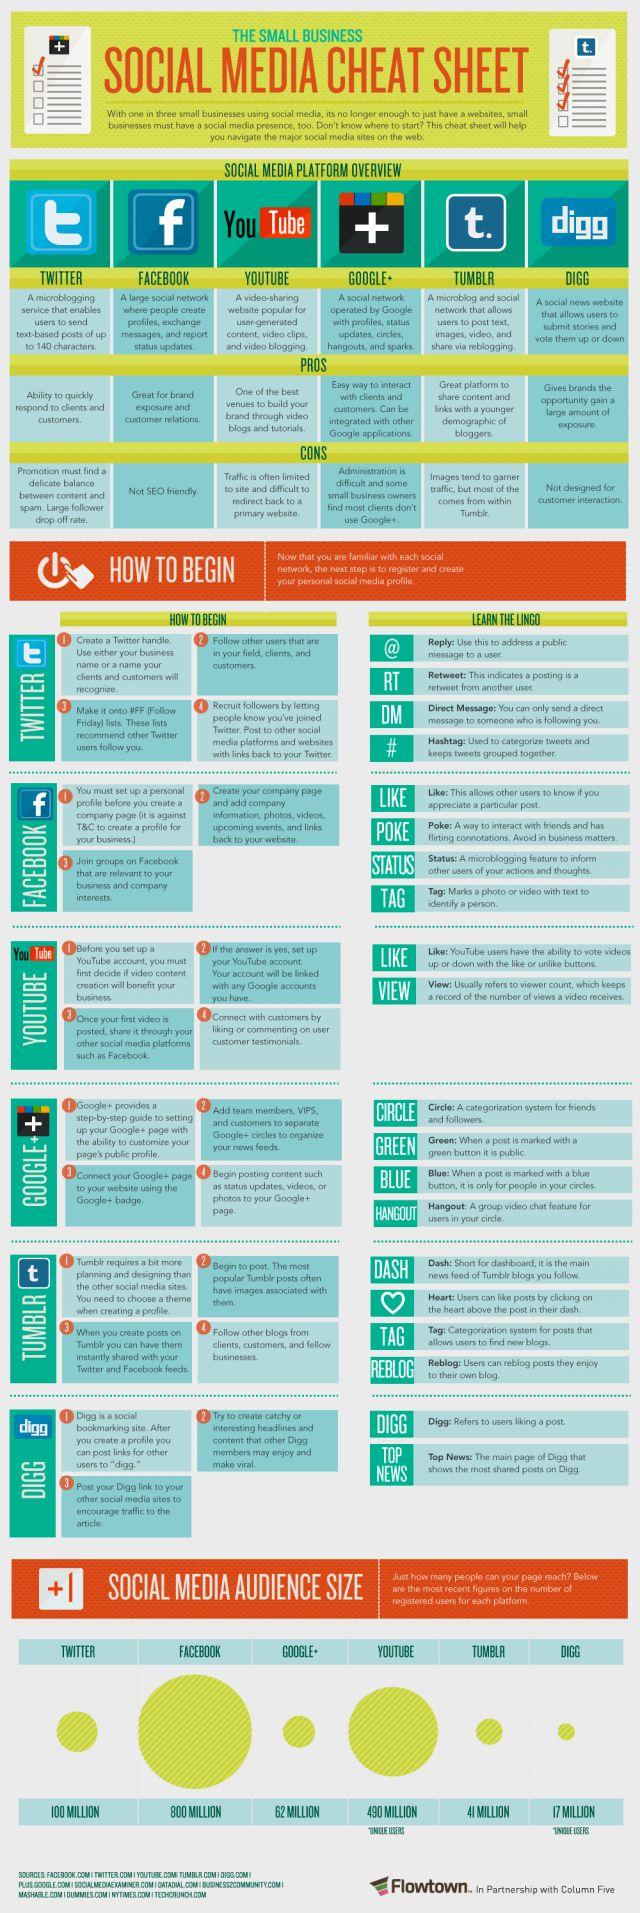 Social #Media cheat sheet